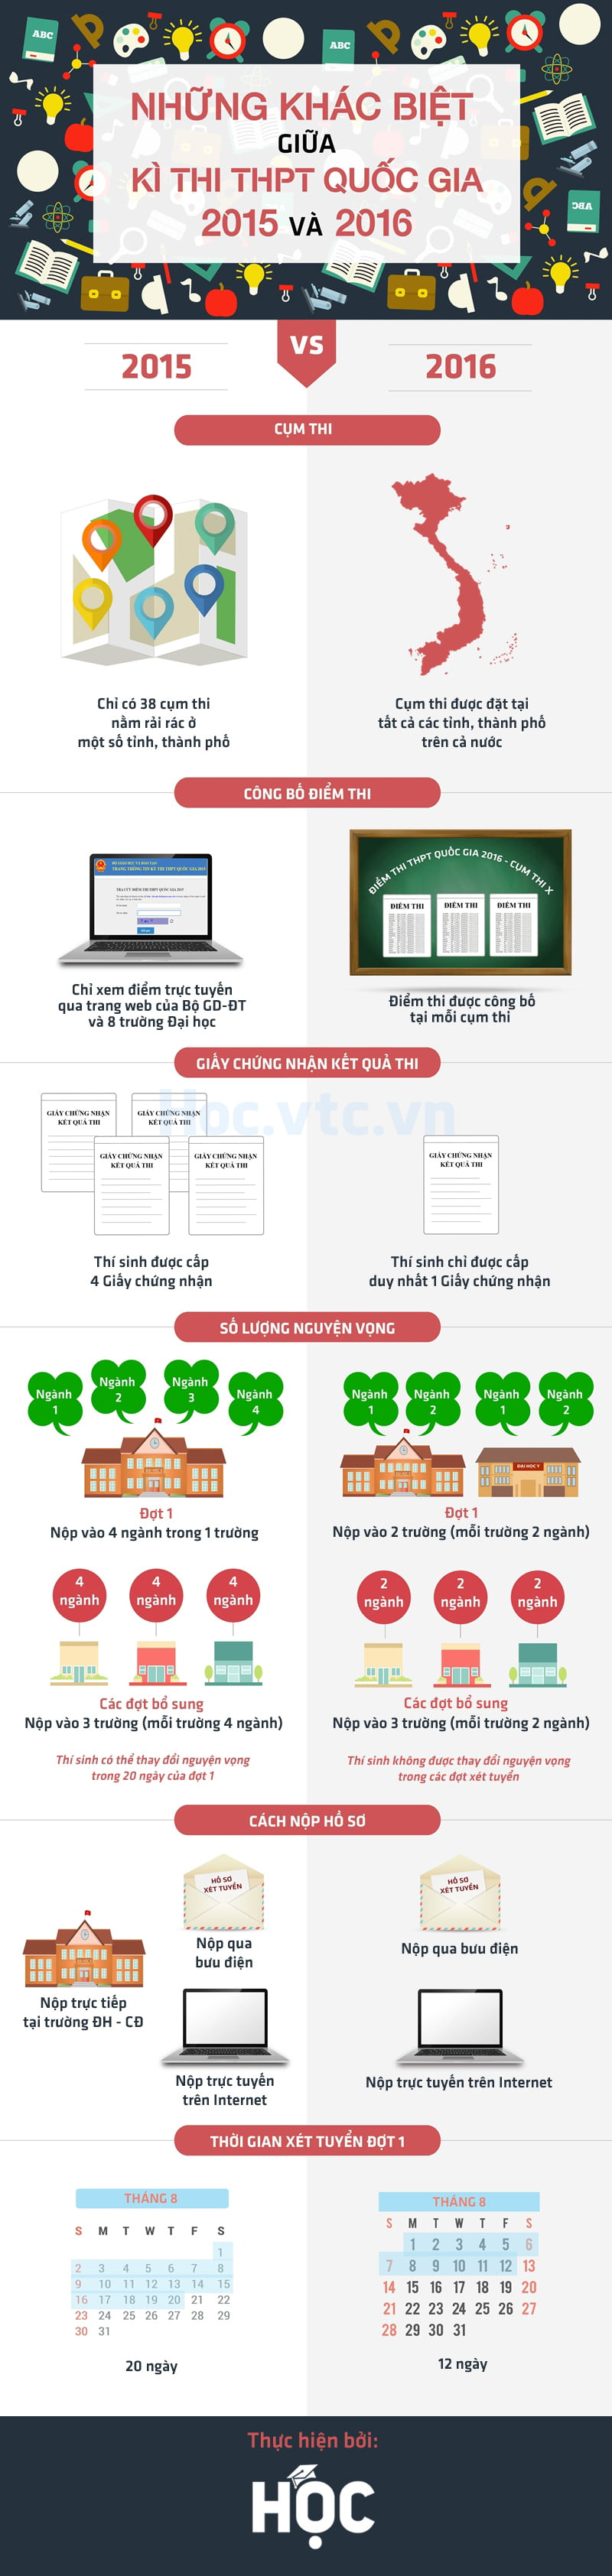 So sánh sự khác biệt giữa kì thi THPT quốc gia 2015 và 2016